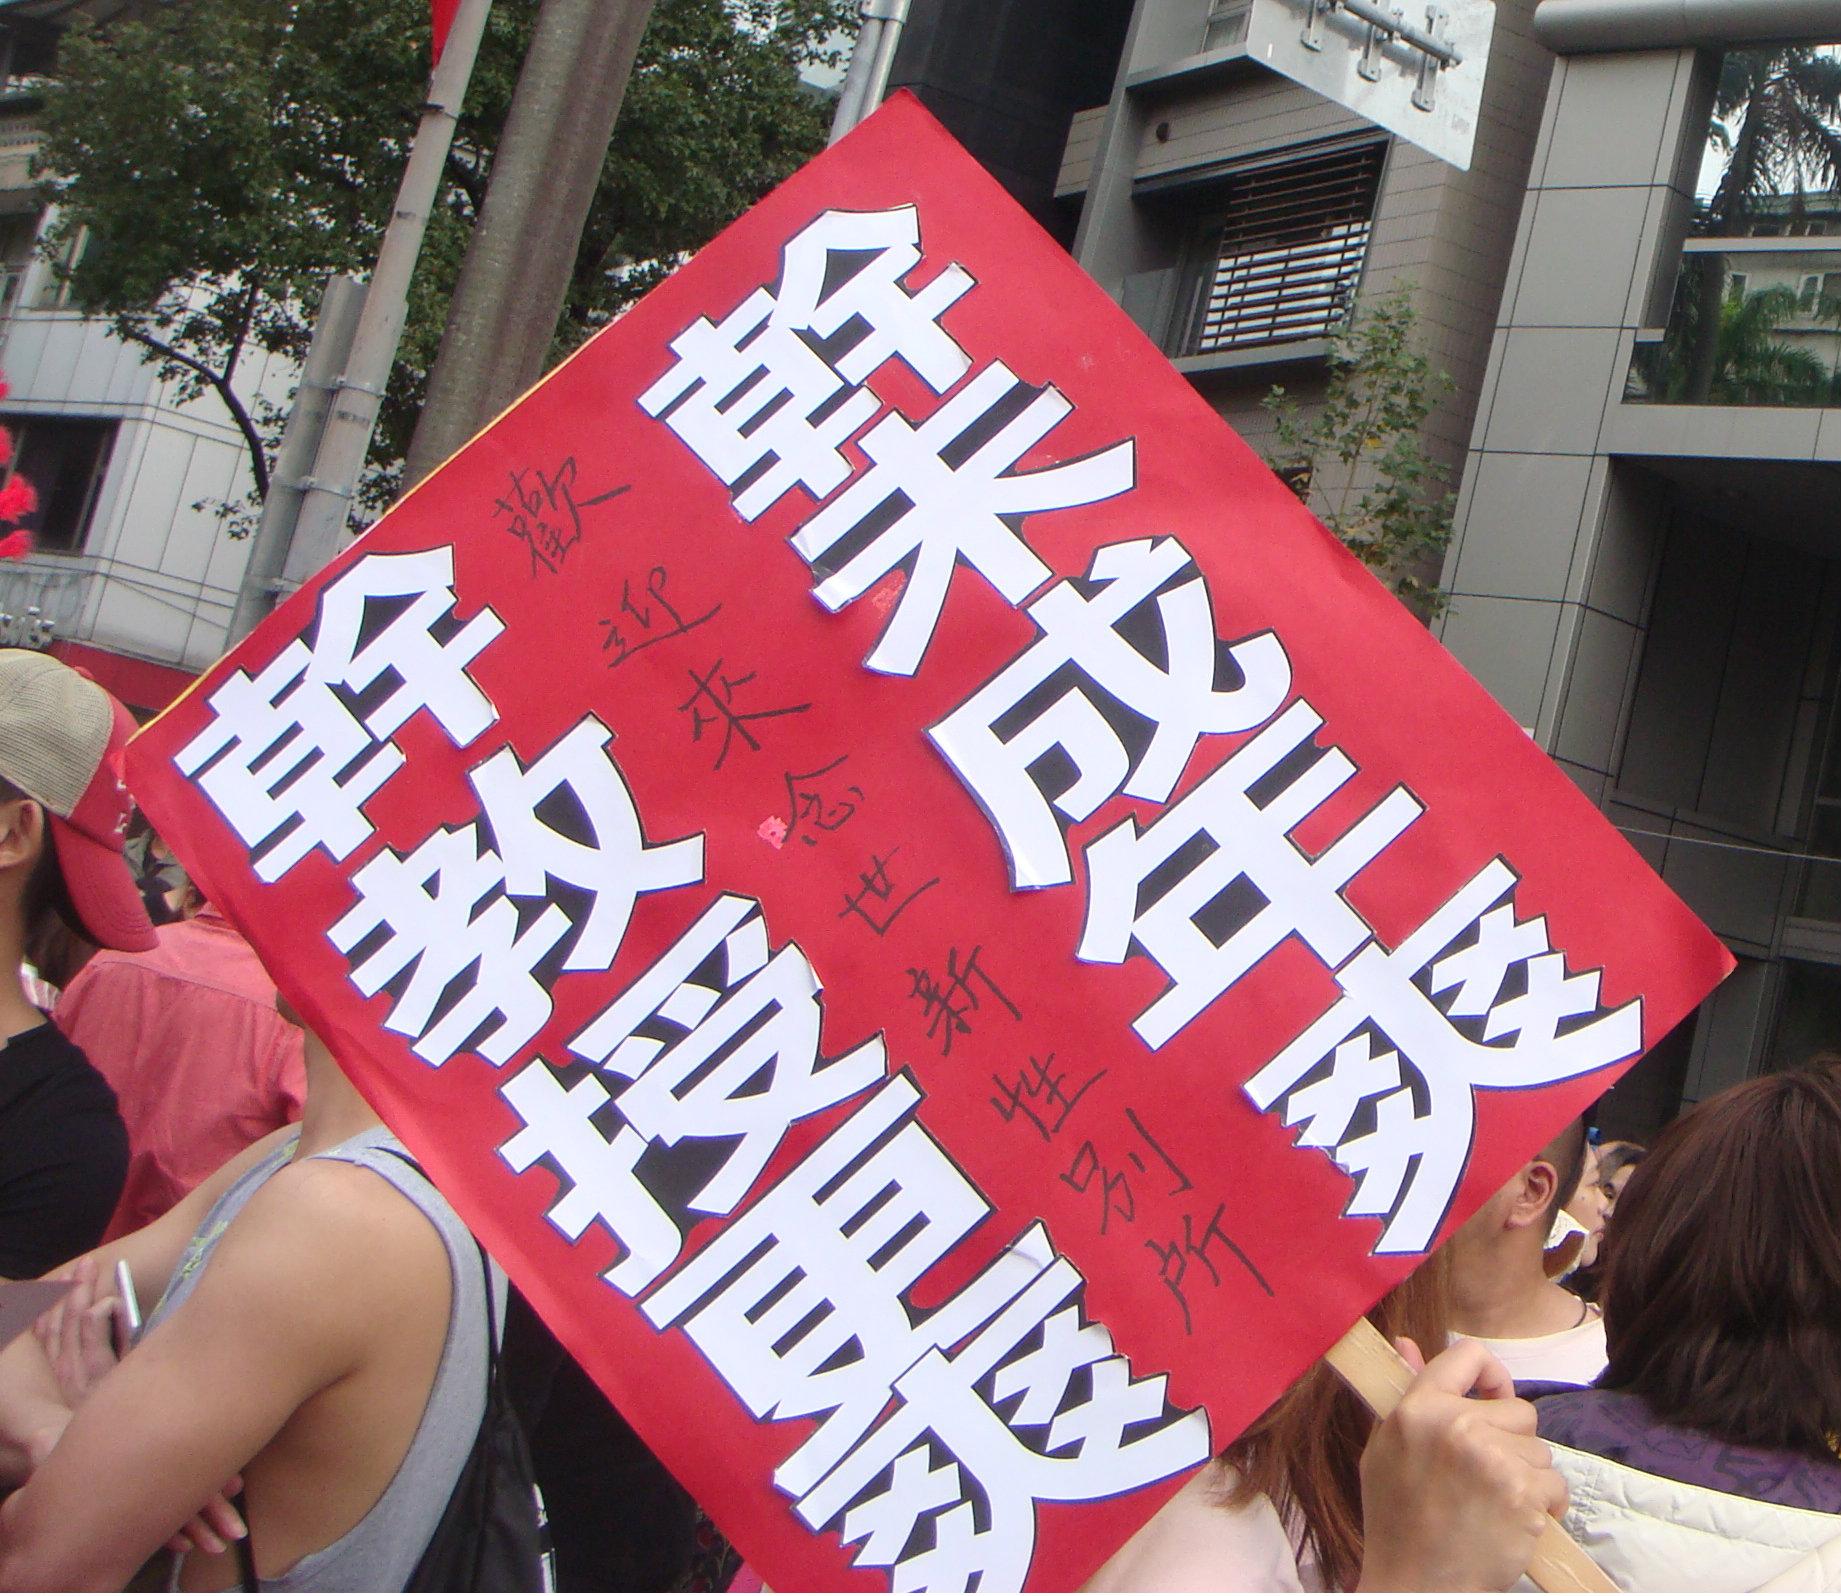 性别研究所学生于2014年同志大游行高举不雅标语,游行诉求是与未成年人性交,以此作为性别研究所招生的卖点。